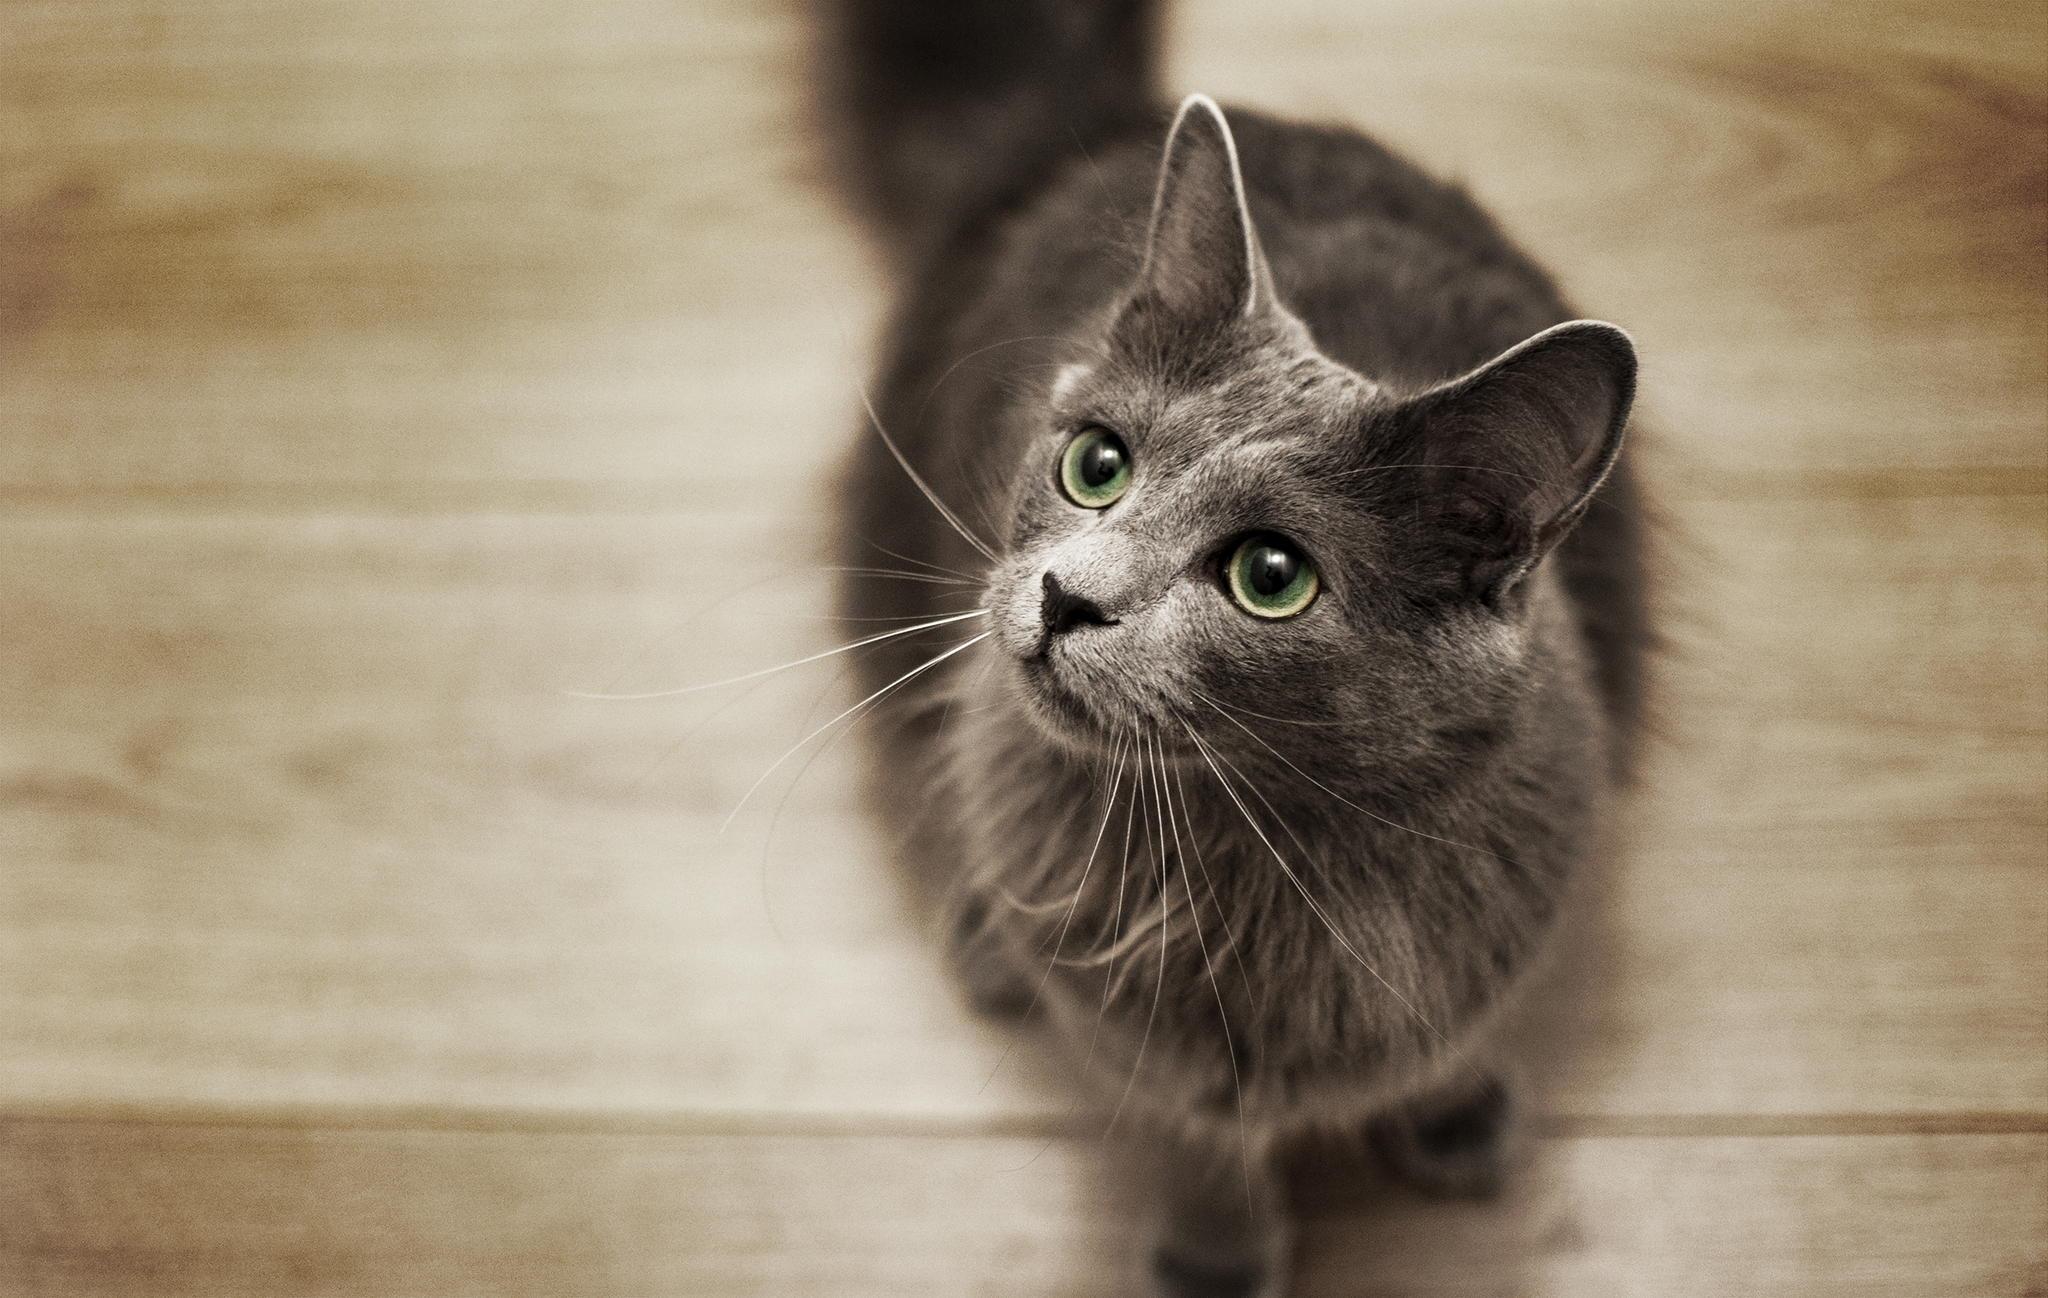 Нибелунг 🐈 фото кошки, история и описание породы, характер, уход